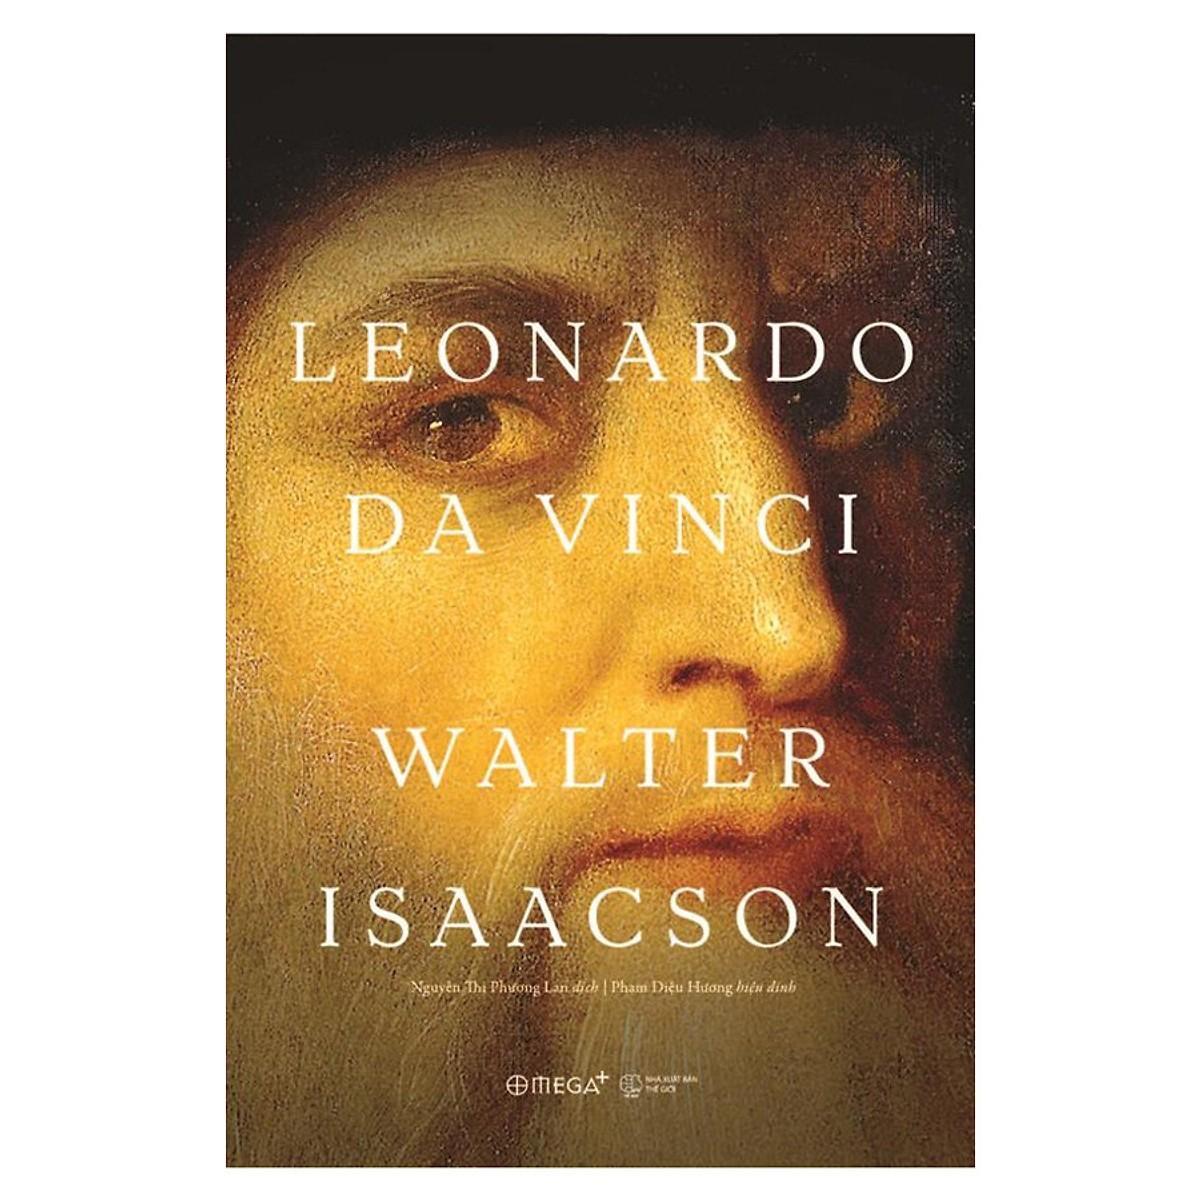 Sách - Leonardo Da Vinci Walter Isaacson (bìa Cứng) Không Thể Rẻ Hơn tại Lazada